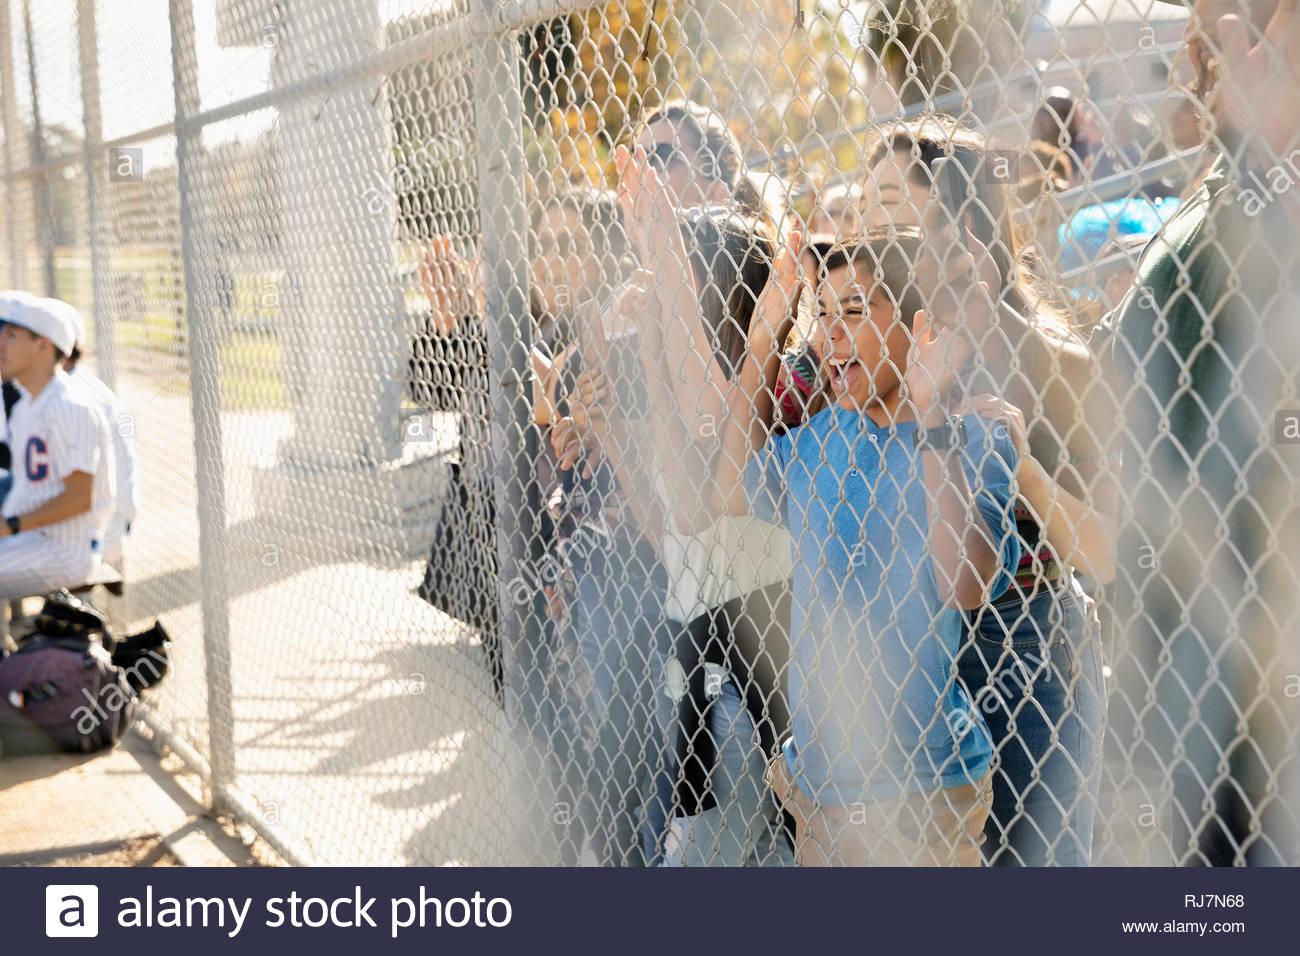 Begeisterte Fans am Zaun während baseball spiel Stockbild